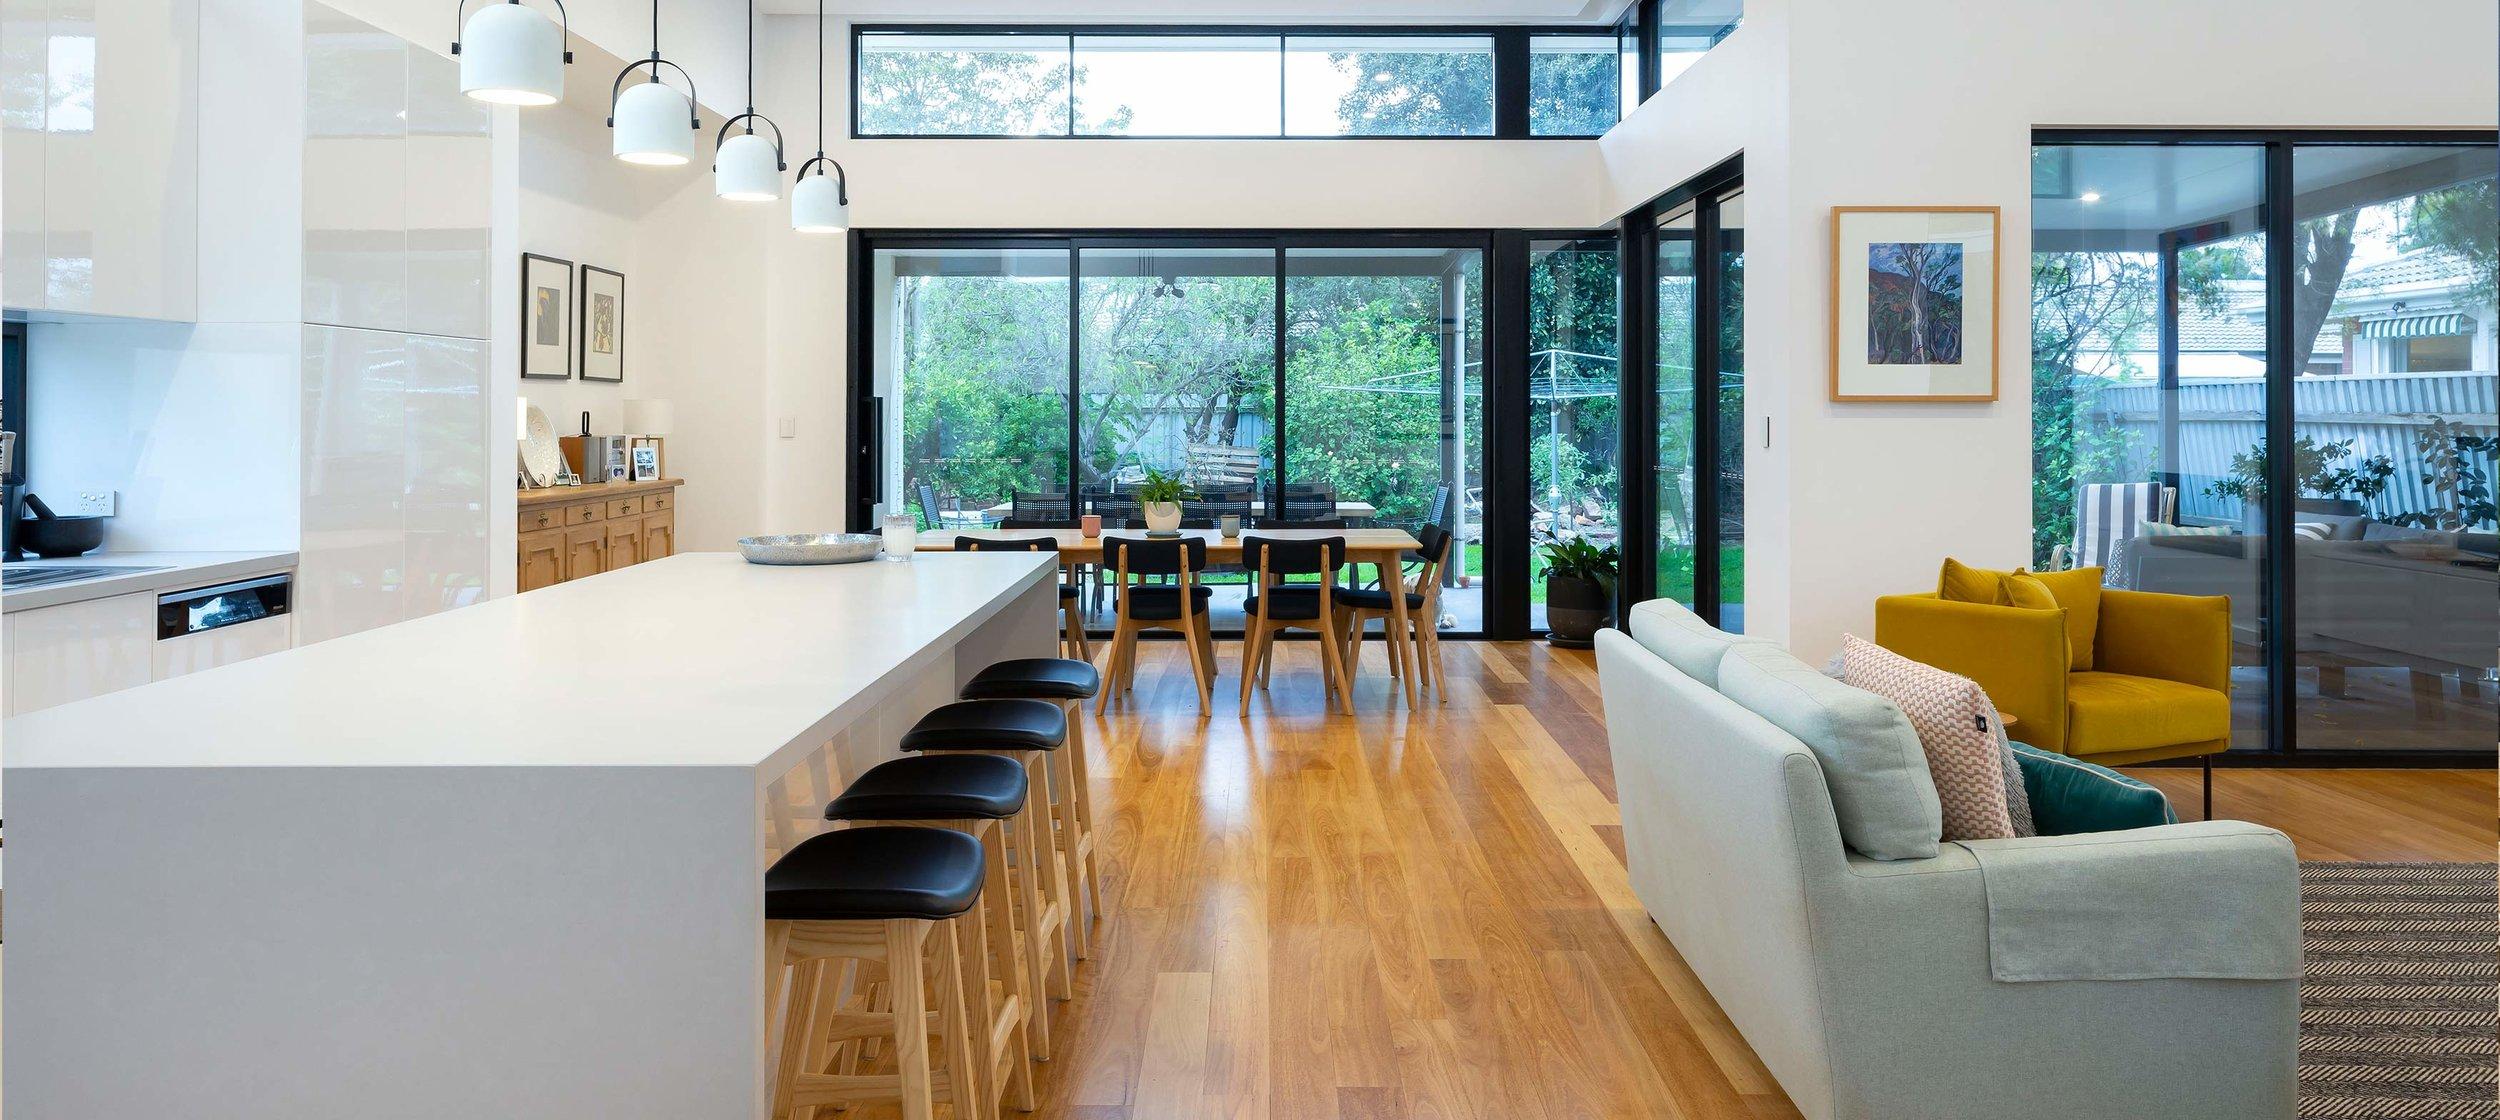 Turnbull-built-Custom-Design-home.jpg